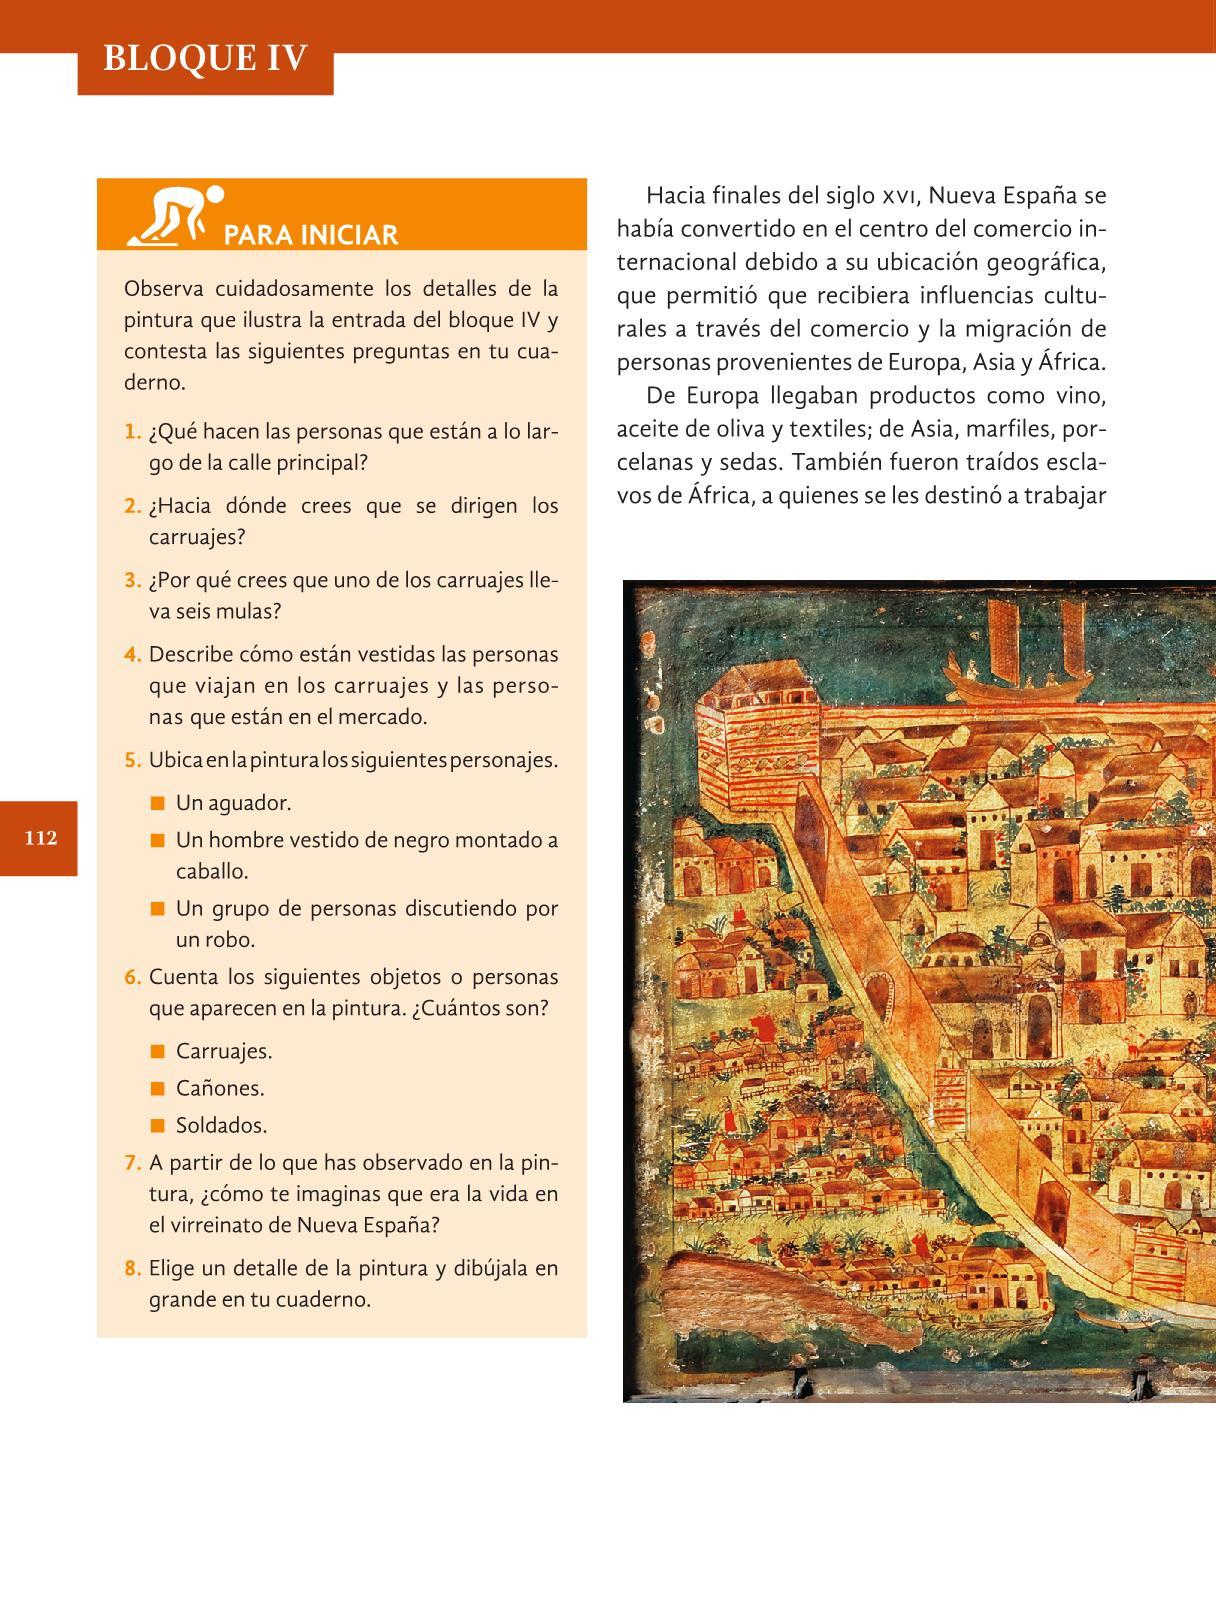 Historia Cuarto grado 2016-2017 - Online - Página 112 de 192 ...